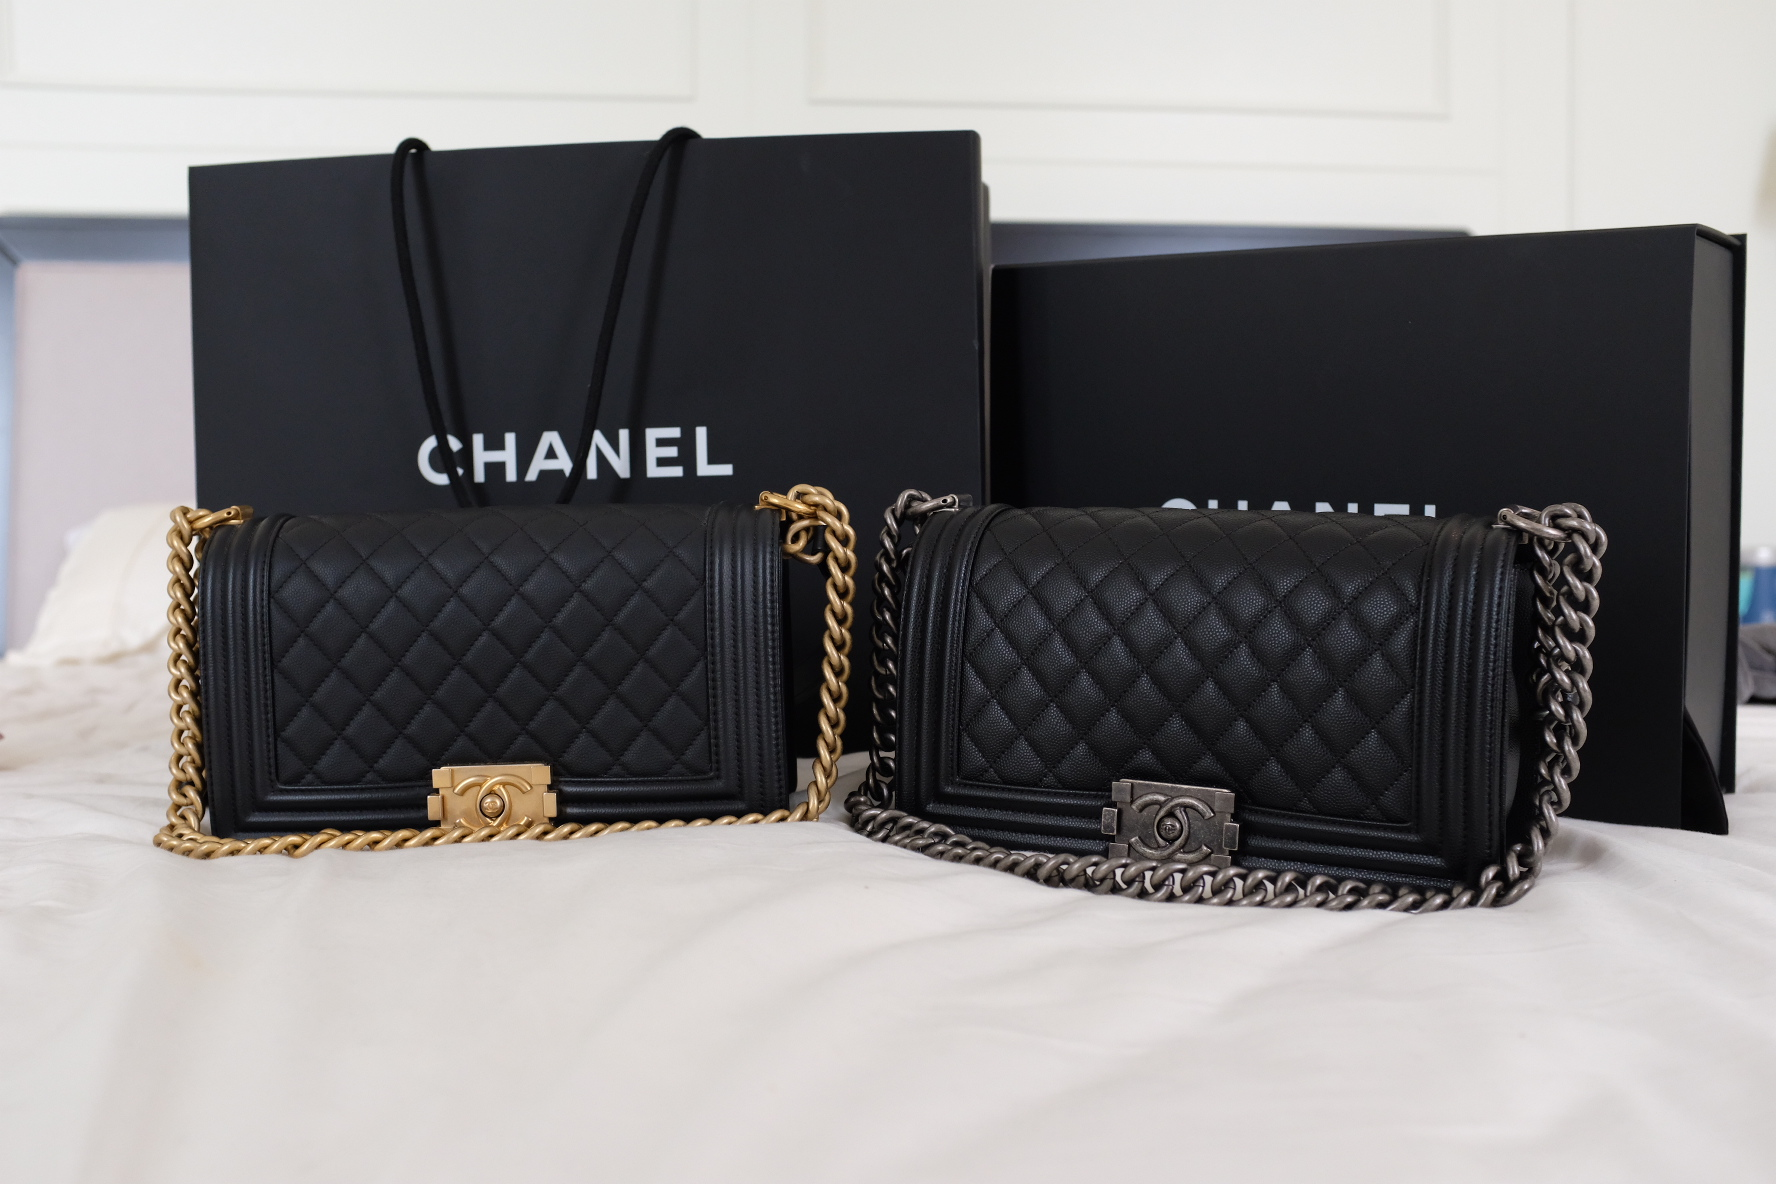 กระเป๋า CHANEL มือสองของแท้